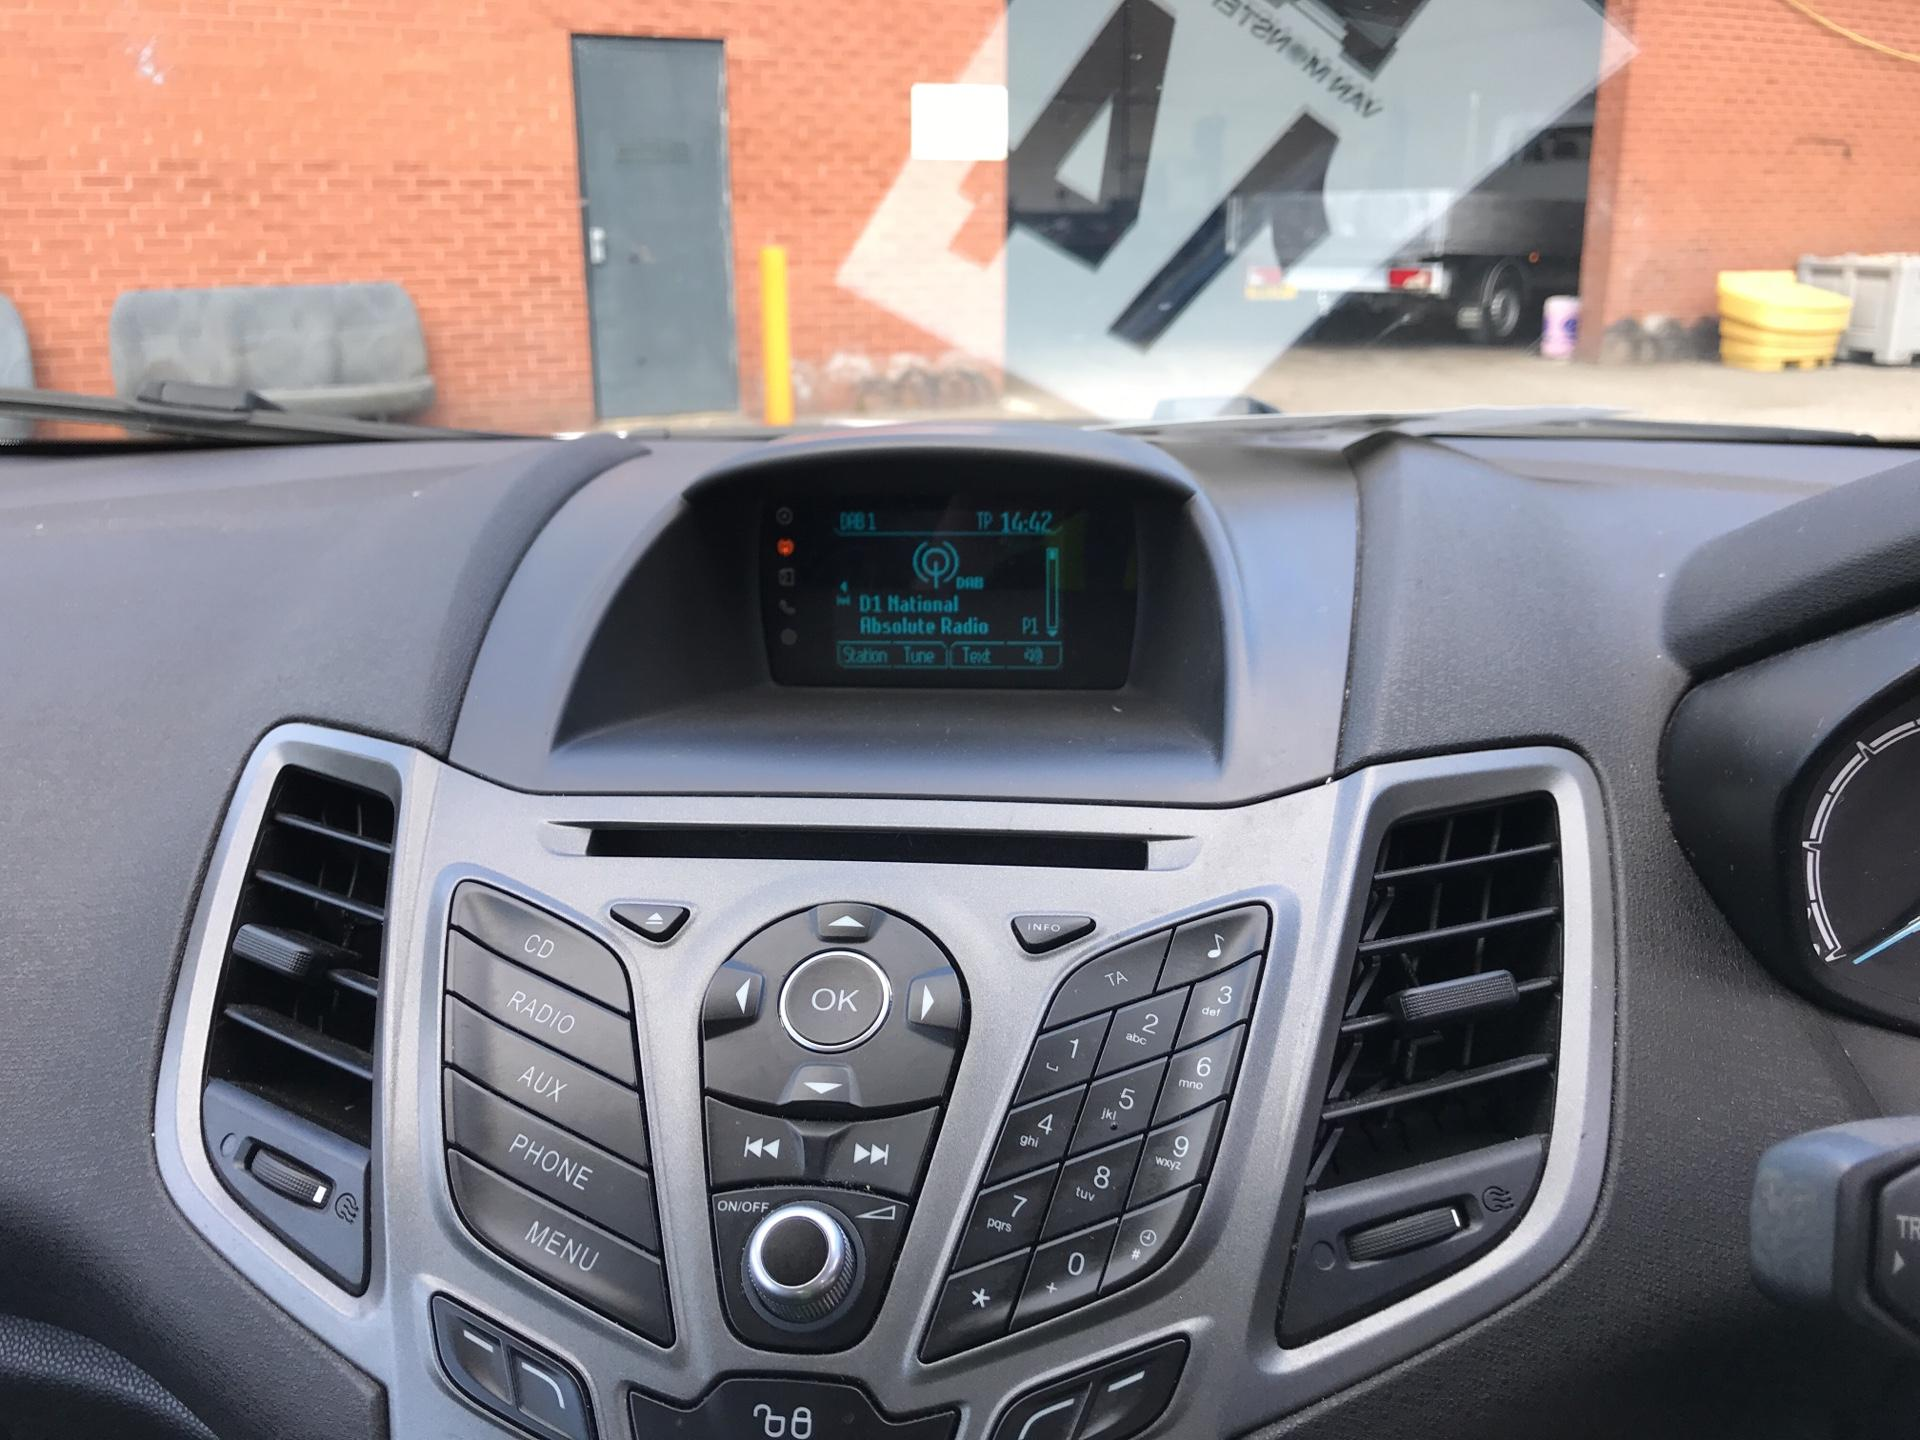 2016 Ford Fiesta 1.5 Tdci Van EURO 5 (FN16UVR) Image 11